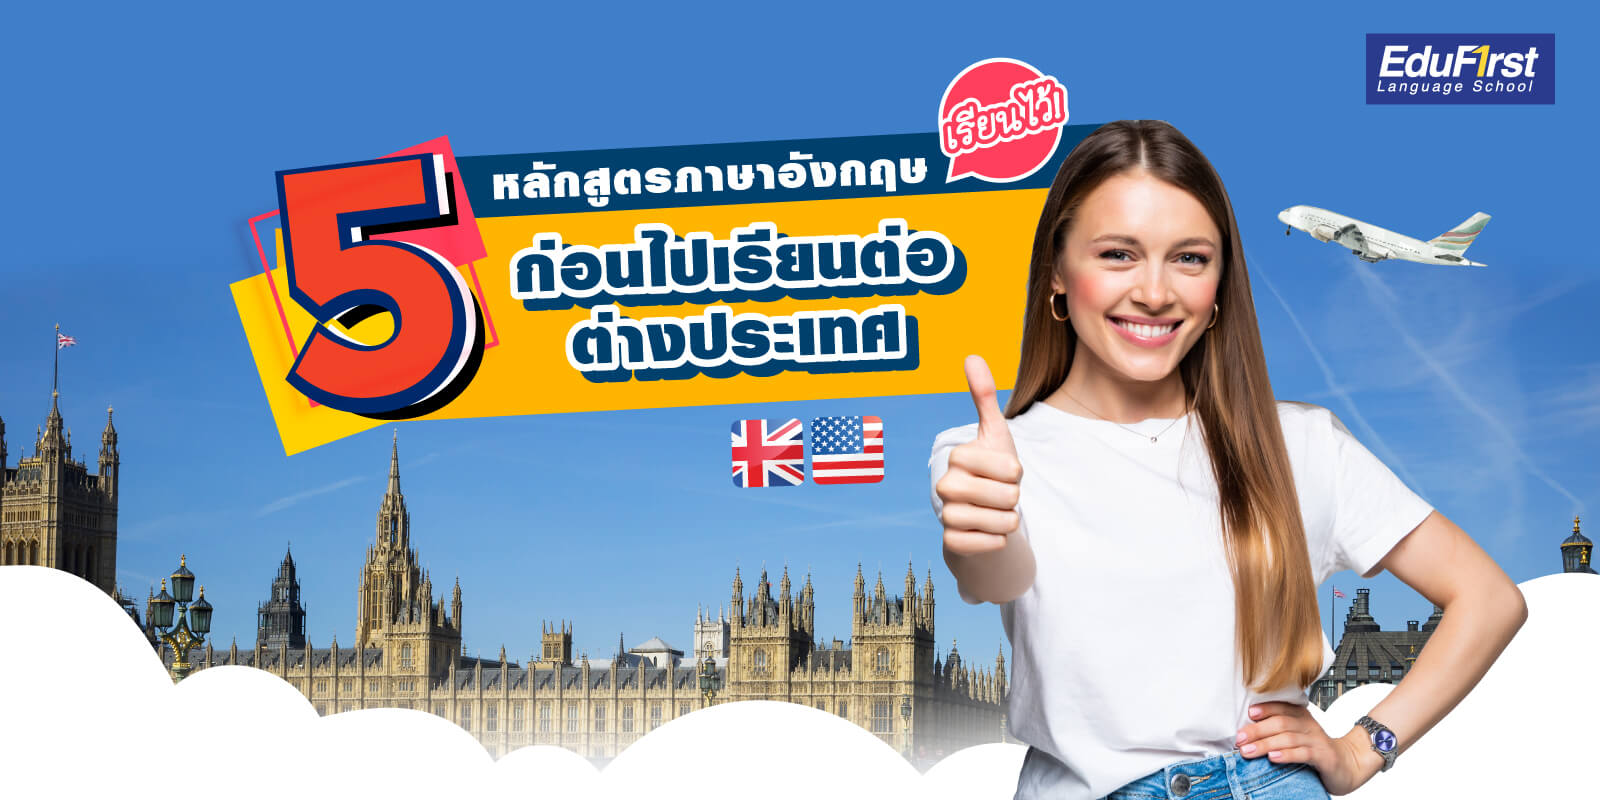 5 หลักสูตรภาษาอังกฤษ เรียนไว้! ก่อนไปเรียนต่างประเทศ